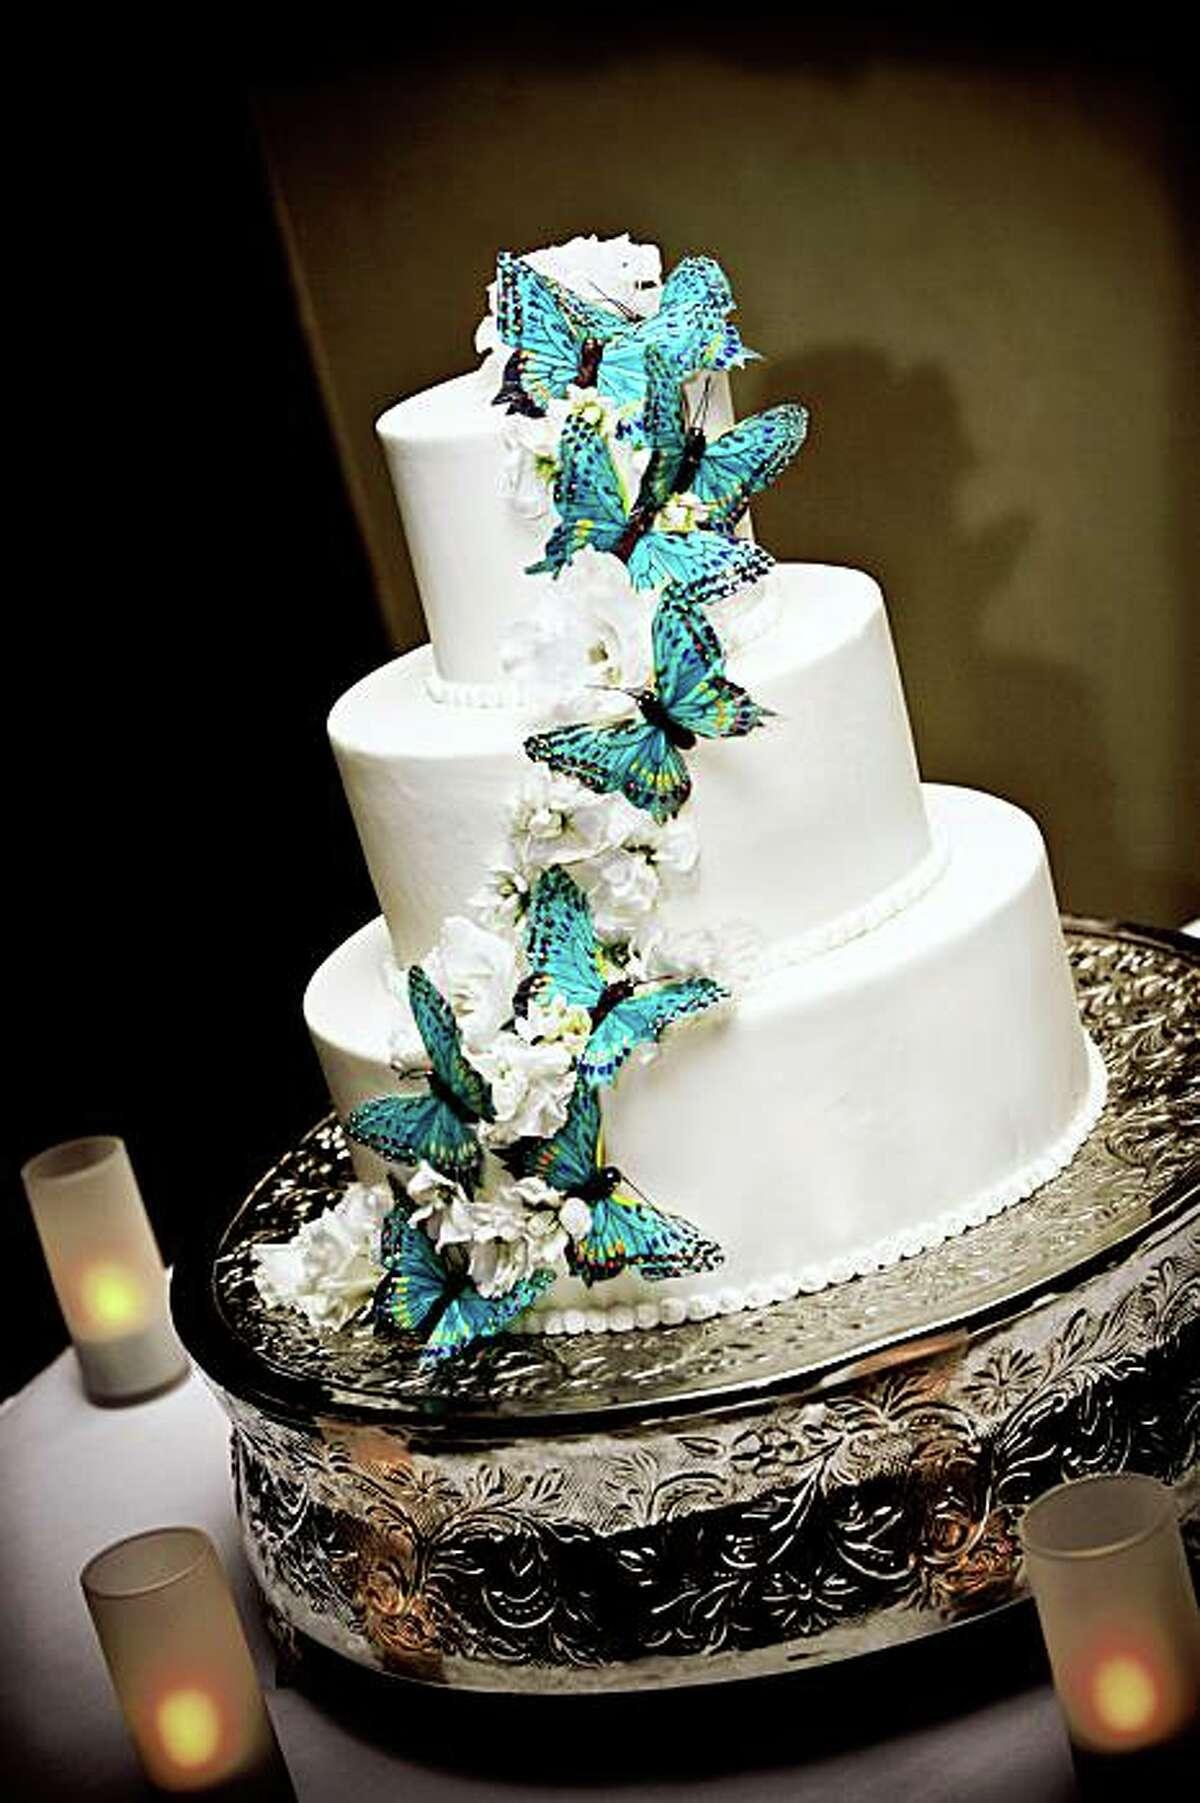 Tifani Wilt, wedding cake 2009 Copyright